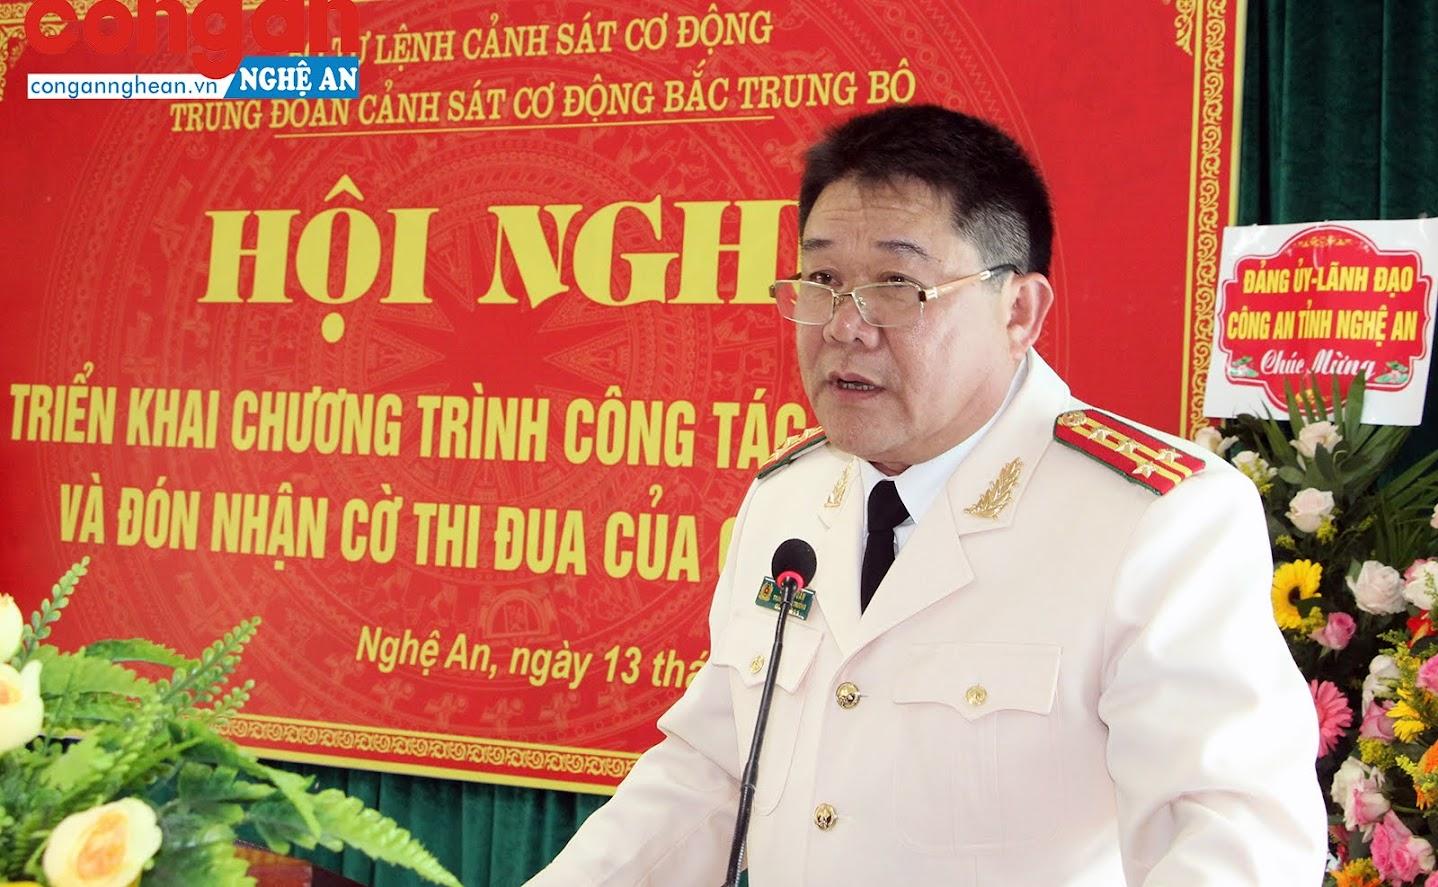 Đại tá Lê Anh Tuấn – Trung đoàn trưởng, Trung đoàn CSCĐ Bắc Trung Bộ khai mạc hội nghị